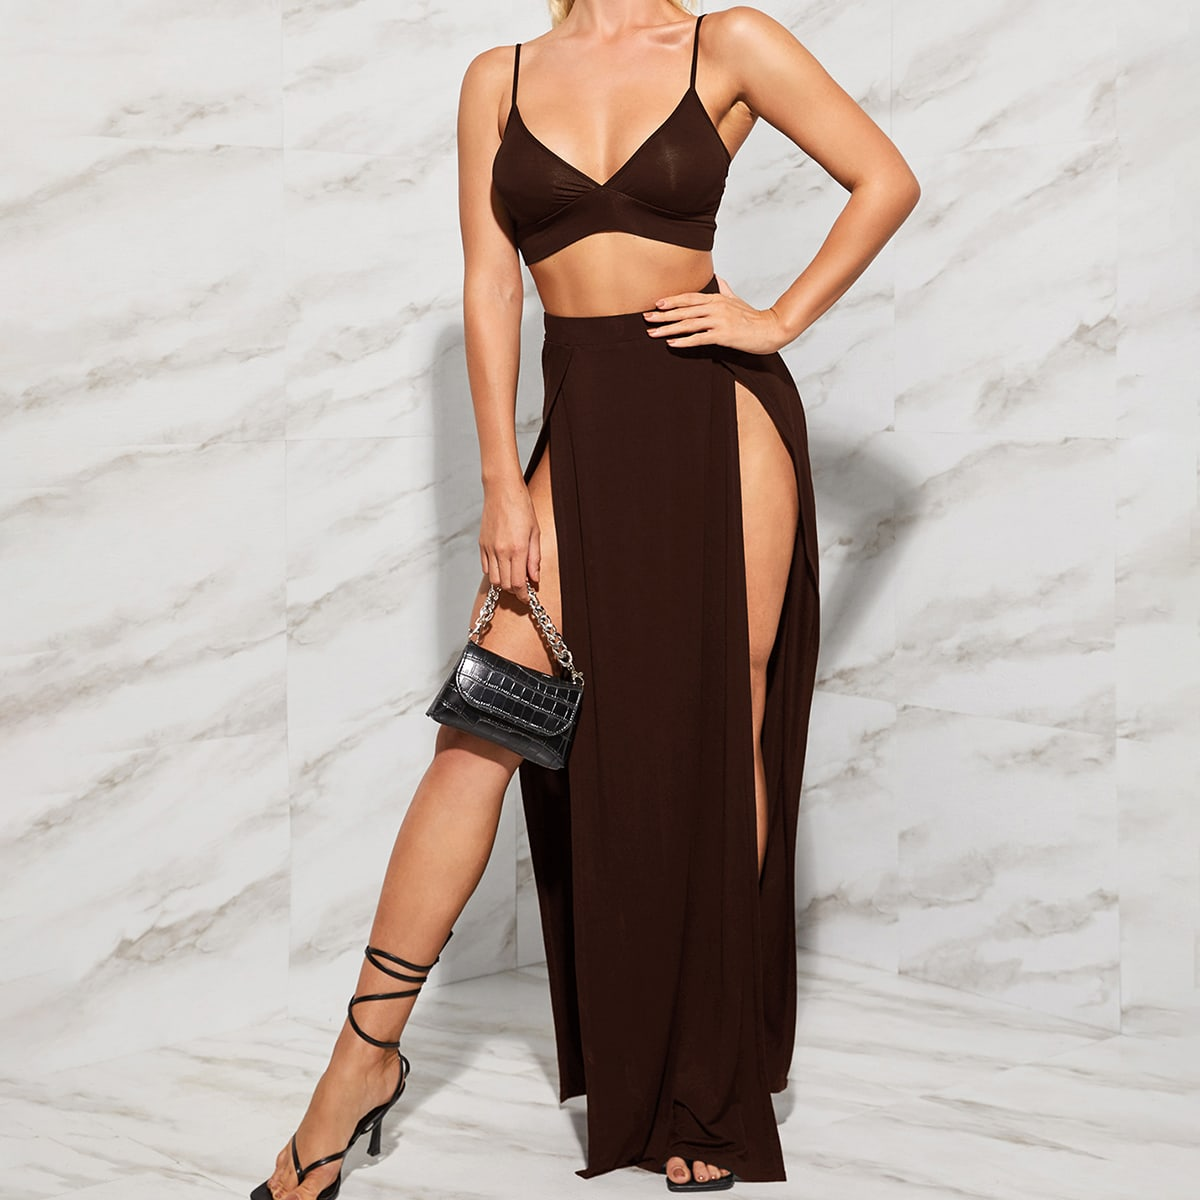 Однотонный топ и юбка с высоким разрезом SheIn swtwop07210507627